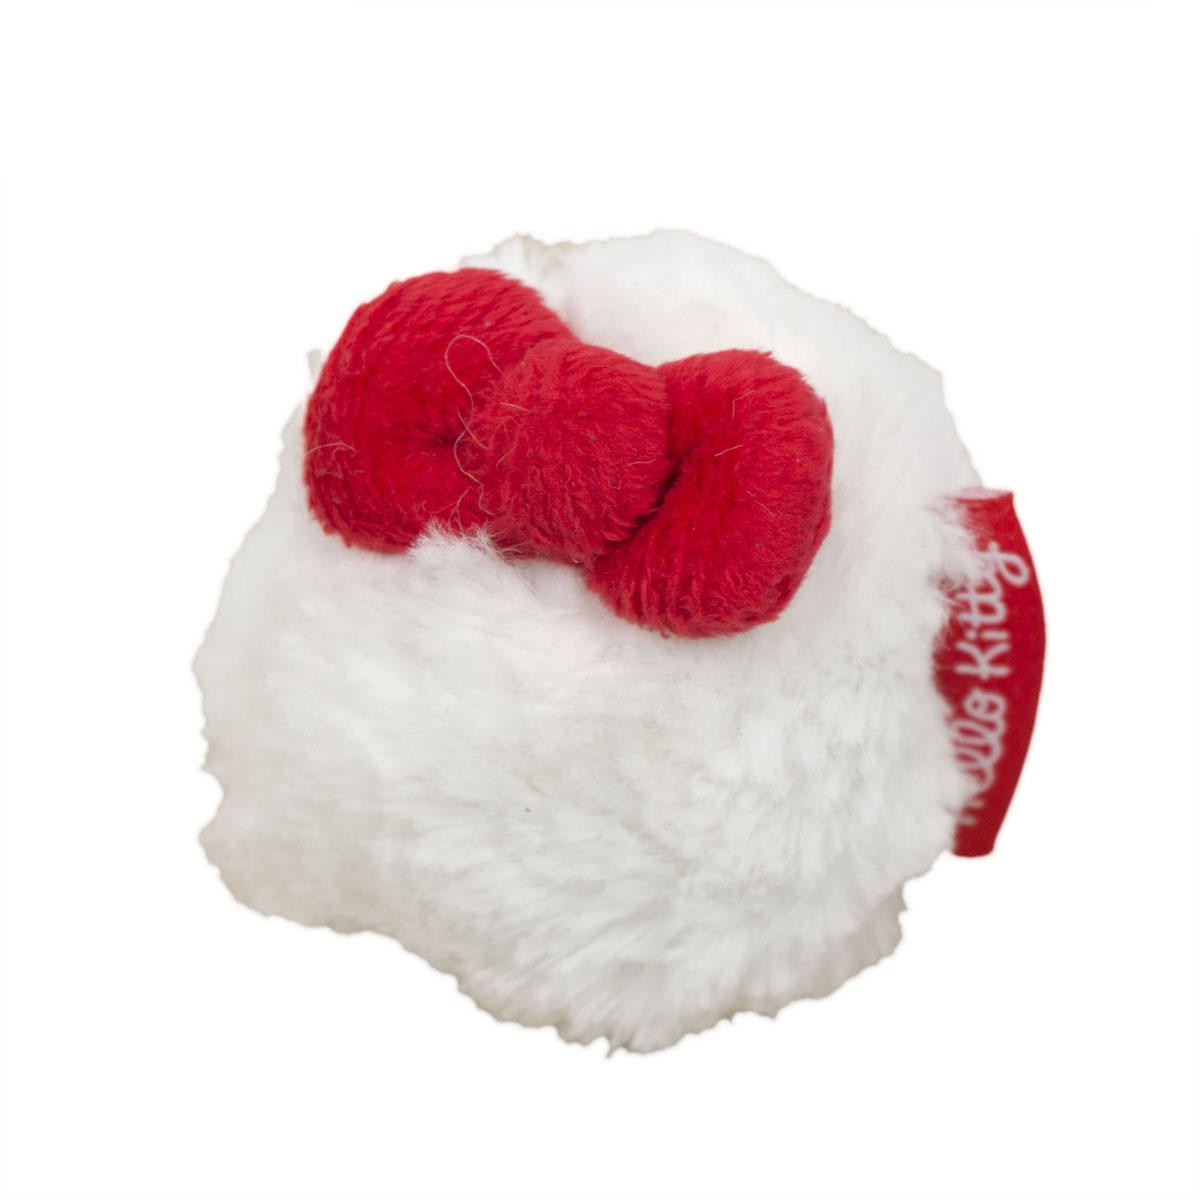 Игрушка для собак Hello Kitty Меховой мяч, диаметр 8 см6012Игрушка для собак Hello Kitty Меховой мяч обязательно понравится вашему питомцу. Игрушка выполнена из пластика и мехового текстиля, украшена красным бантиком. Игрушка подходит для щенков и собак некрупных пород.